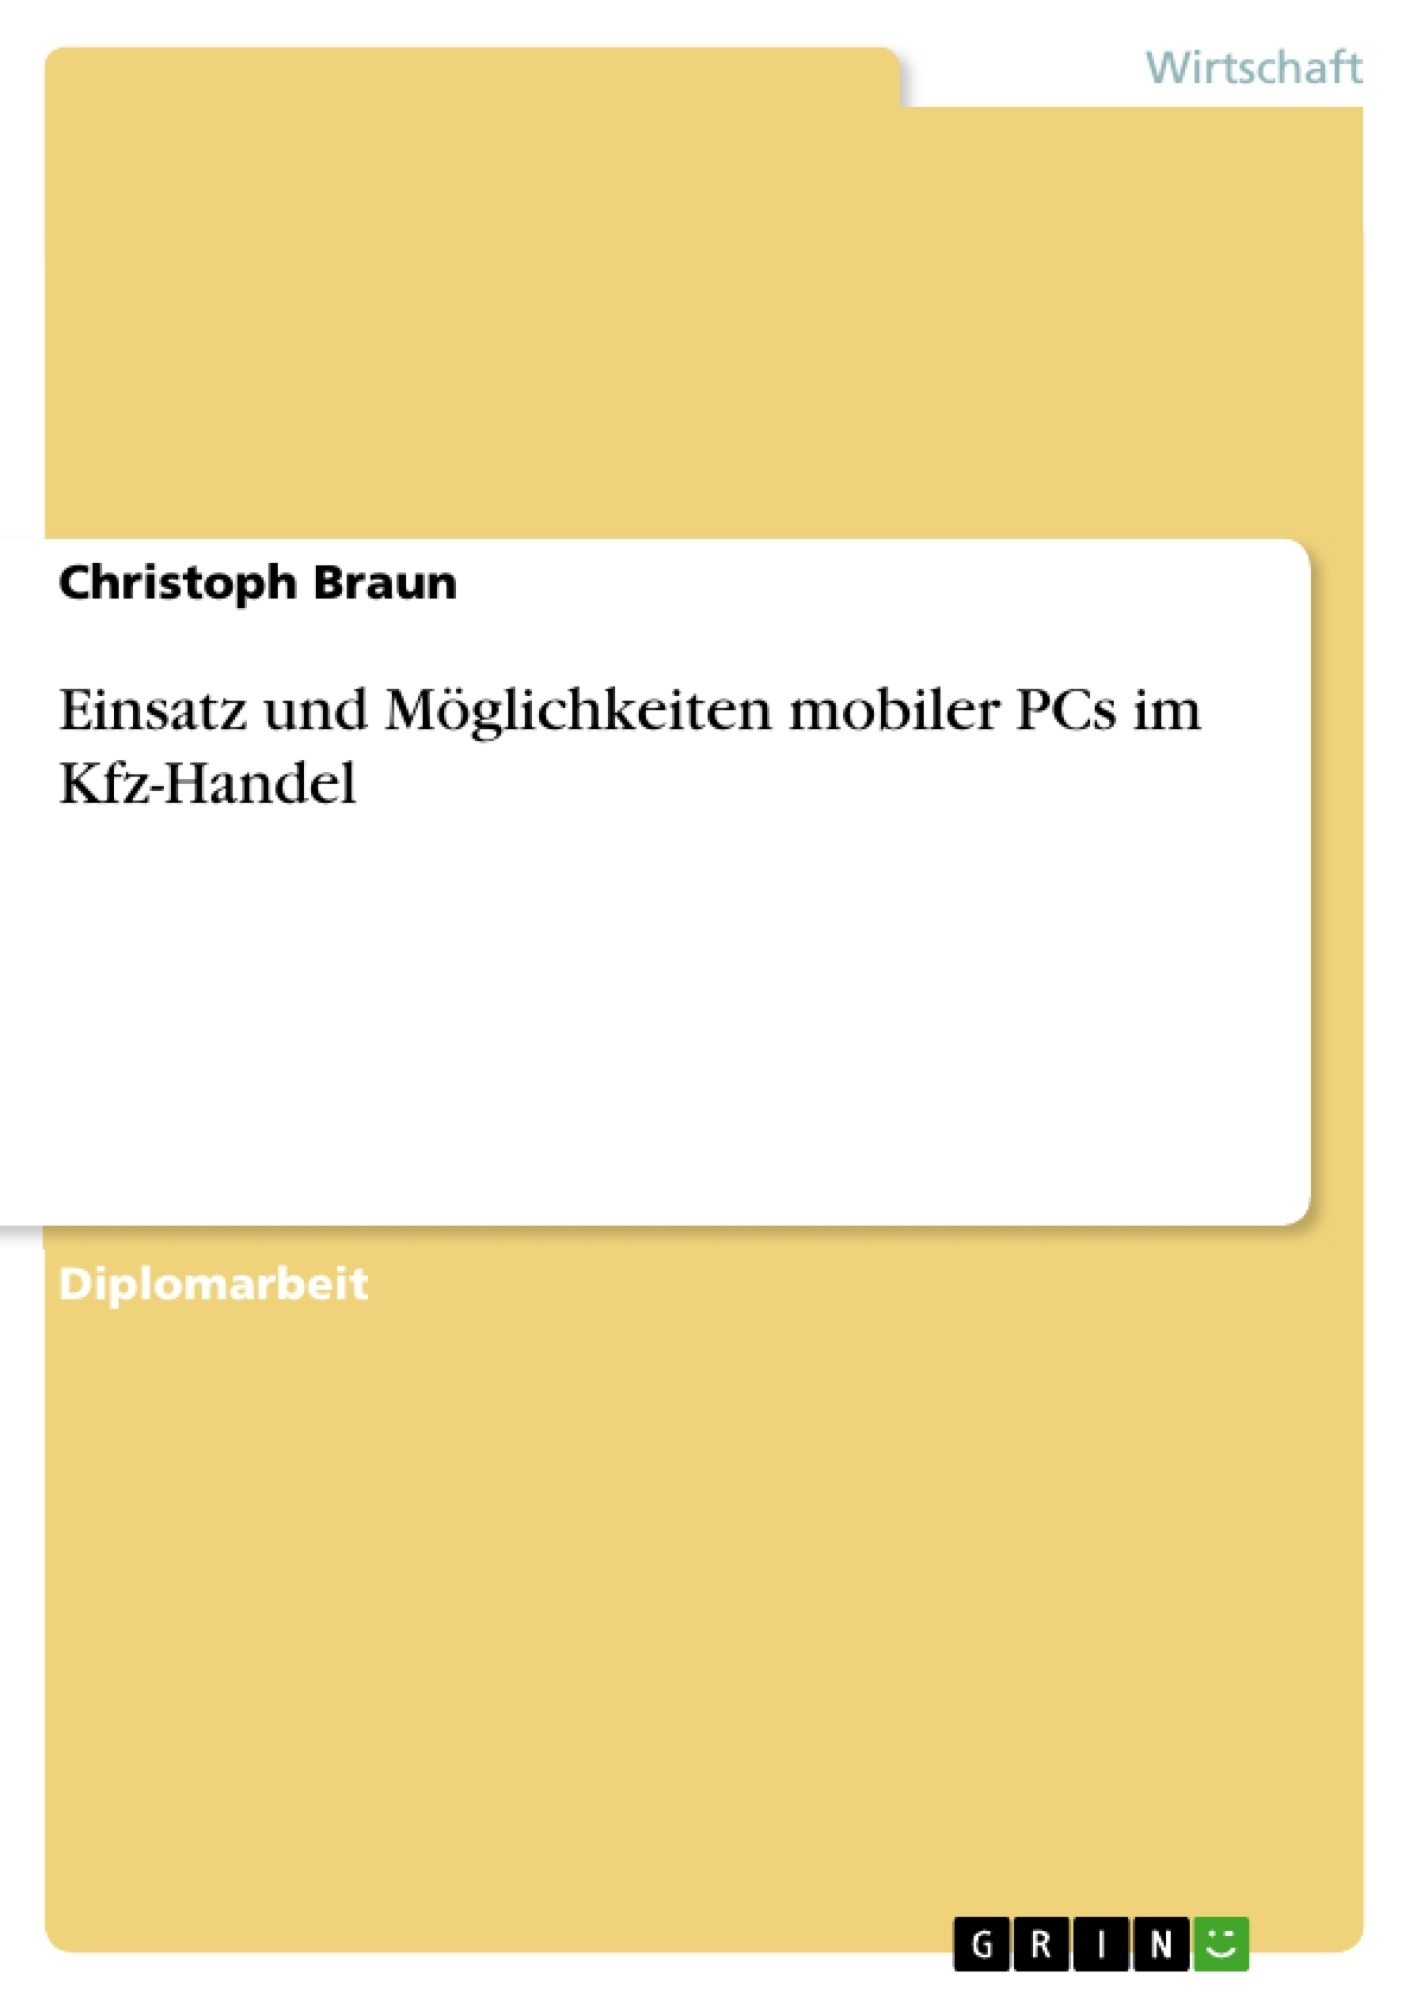 Titel: Einsatz und Möglichkeiten mobiler PCs im Kfz-Handel